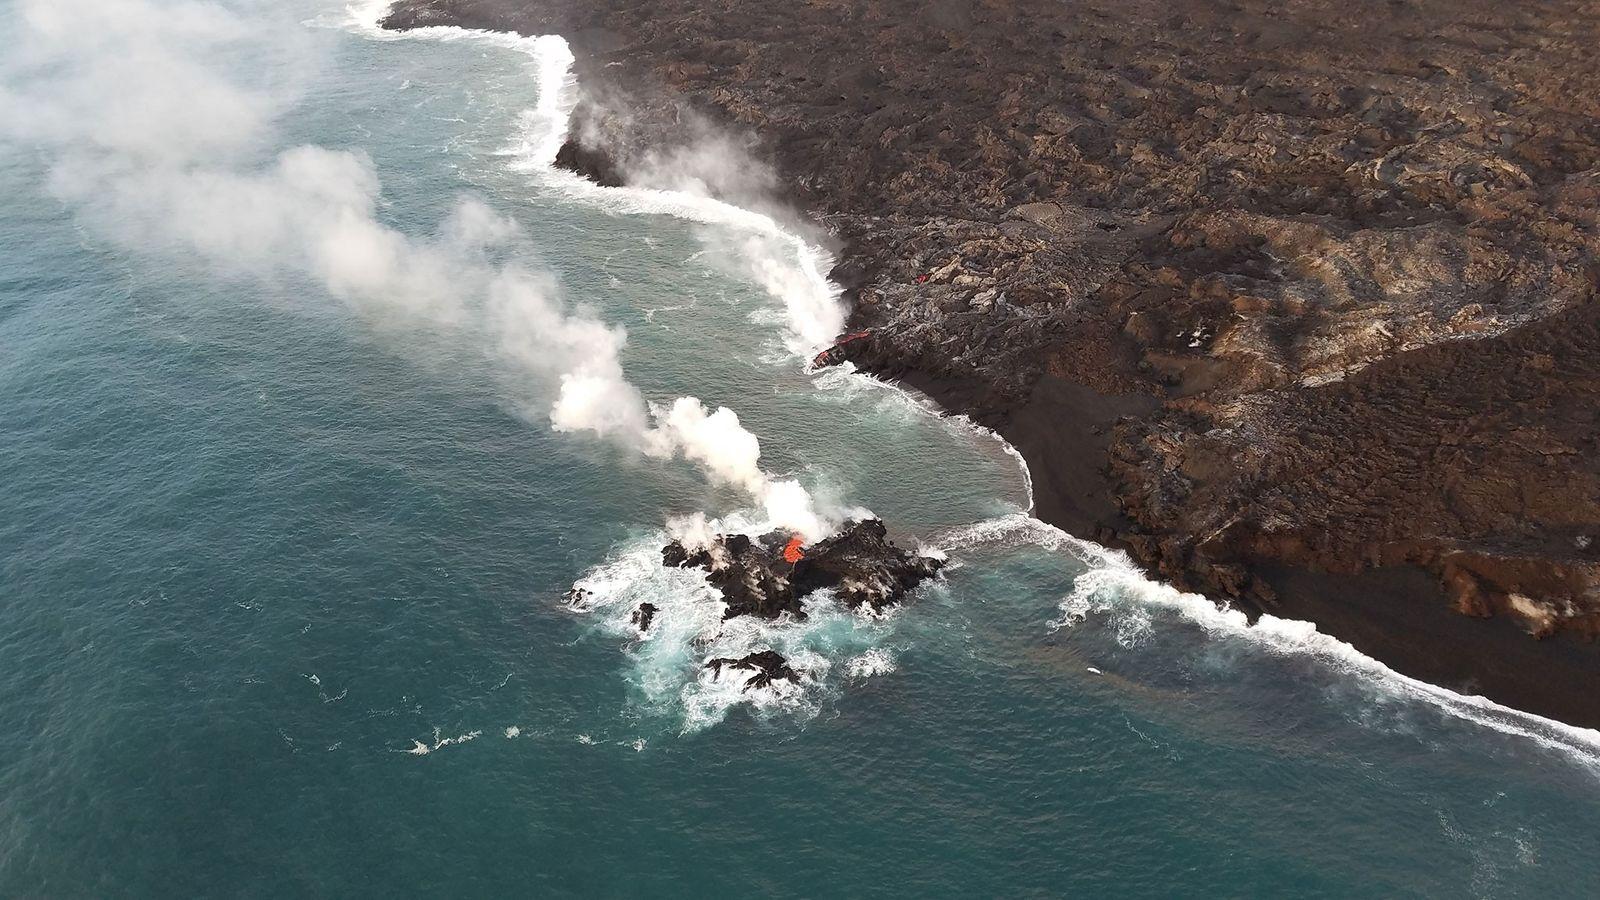 A erupção do Kilauea formou brevemente esta pequena ilha na costa do Havaí.